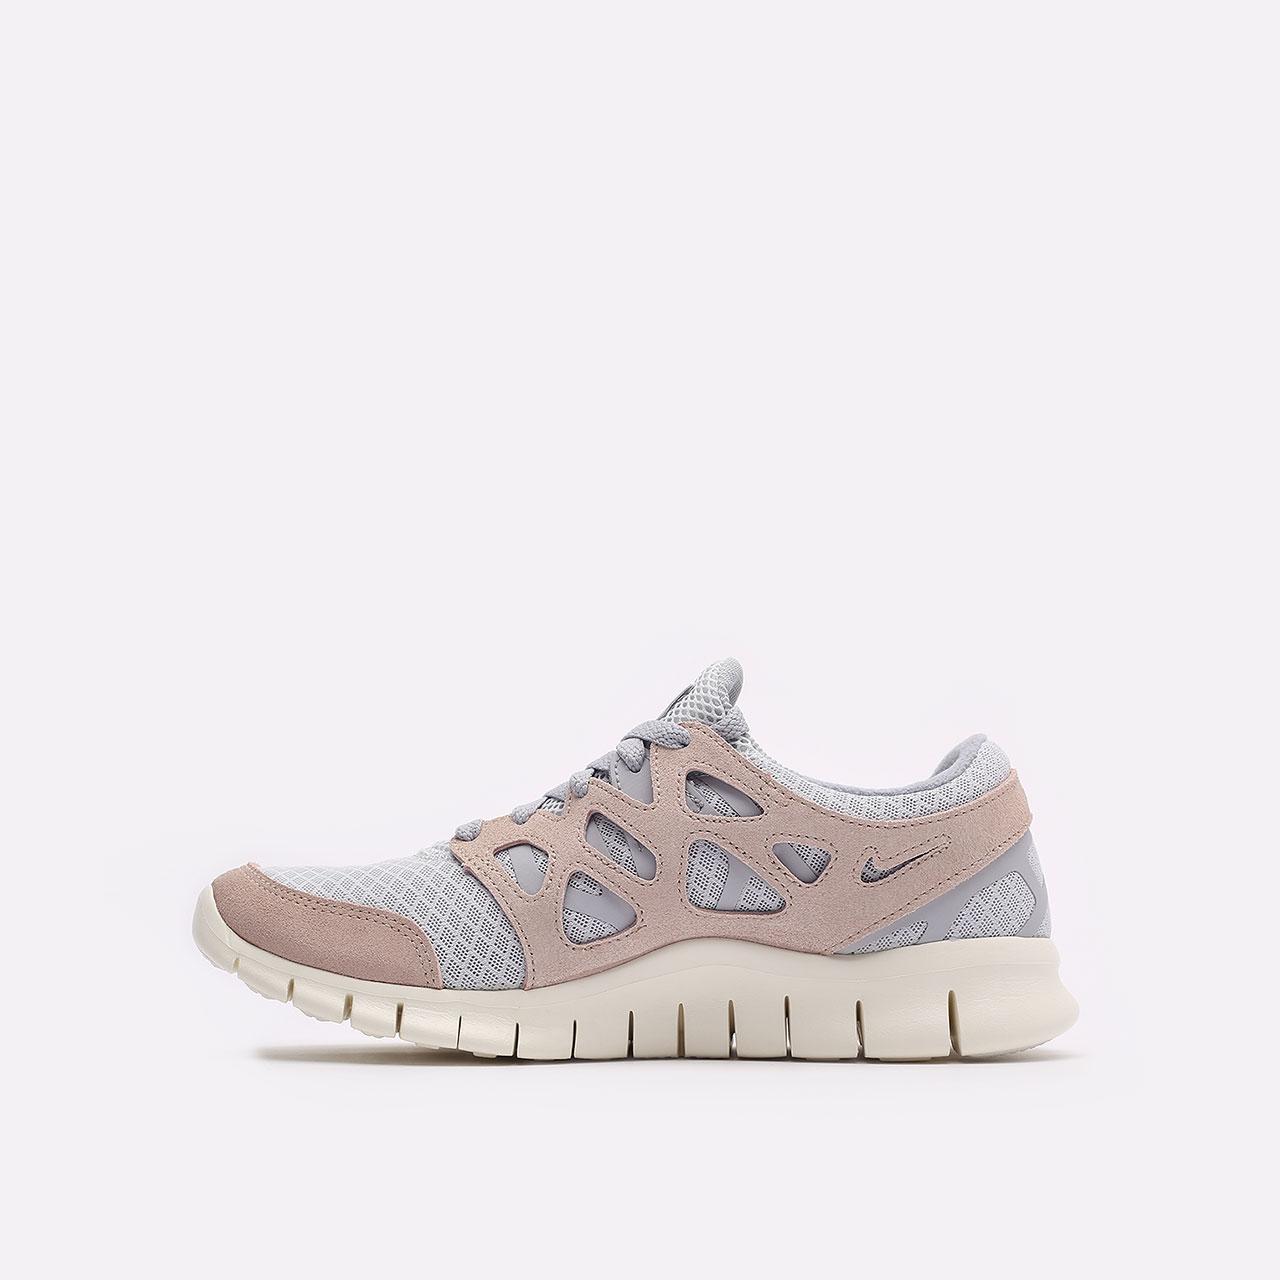 мужские бежевые  кроссовки nike free run 2 537732-013 - цена, описание, фото 2